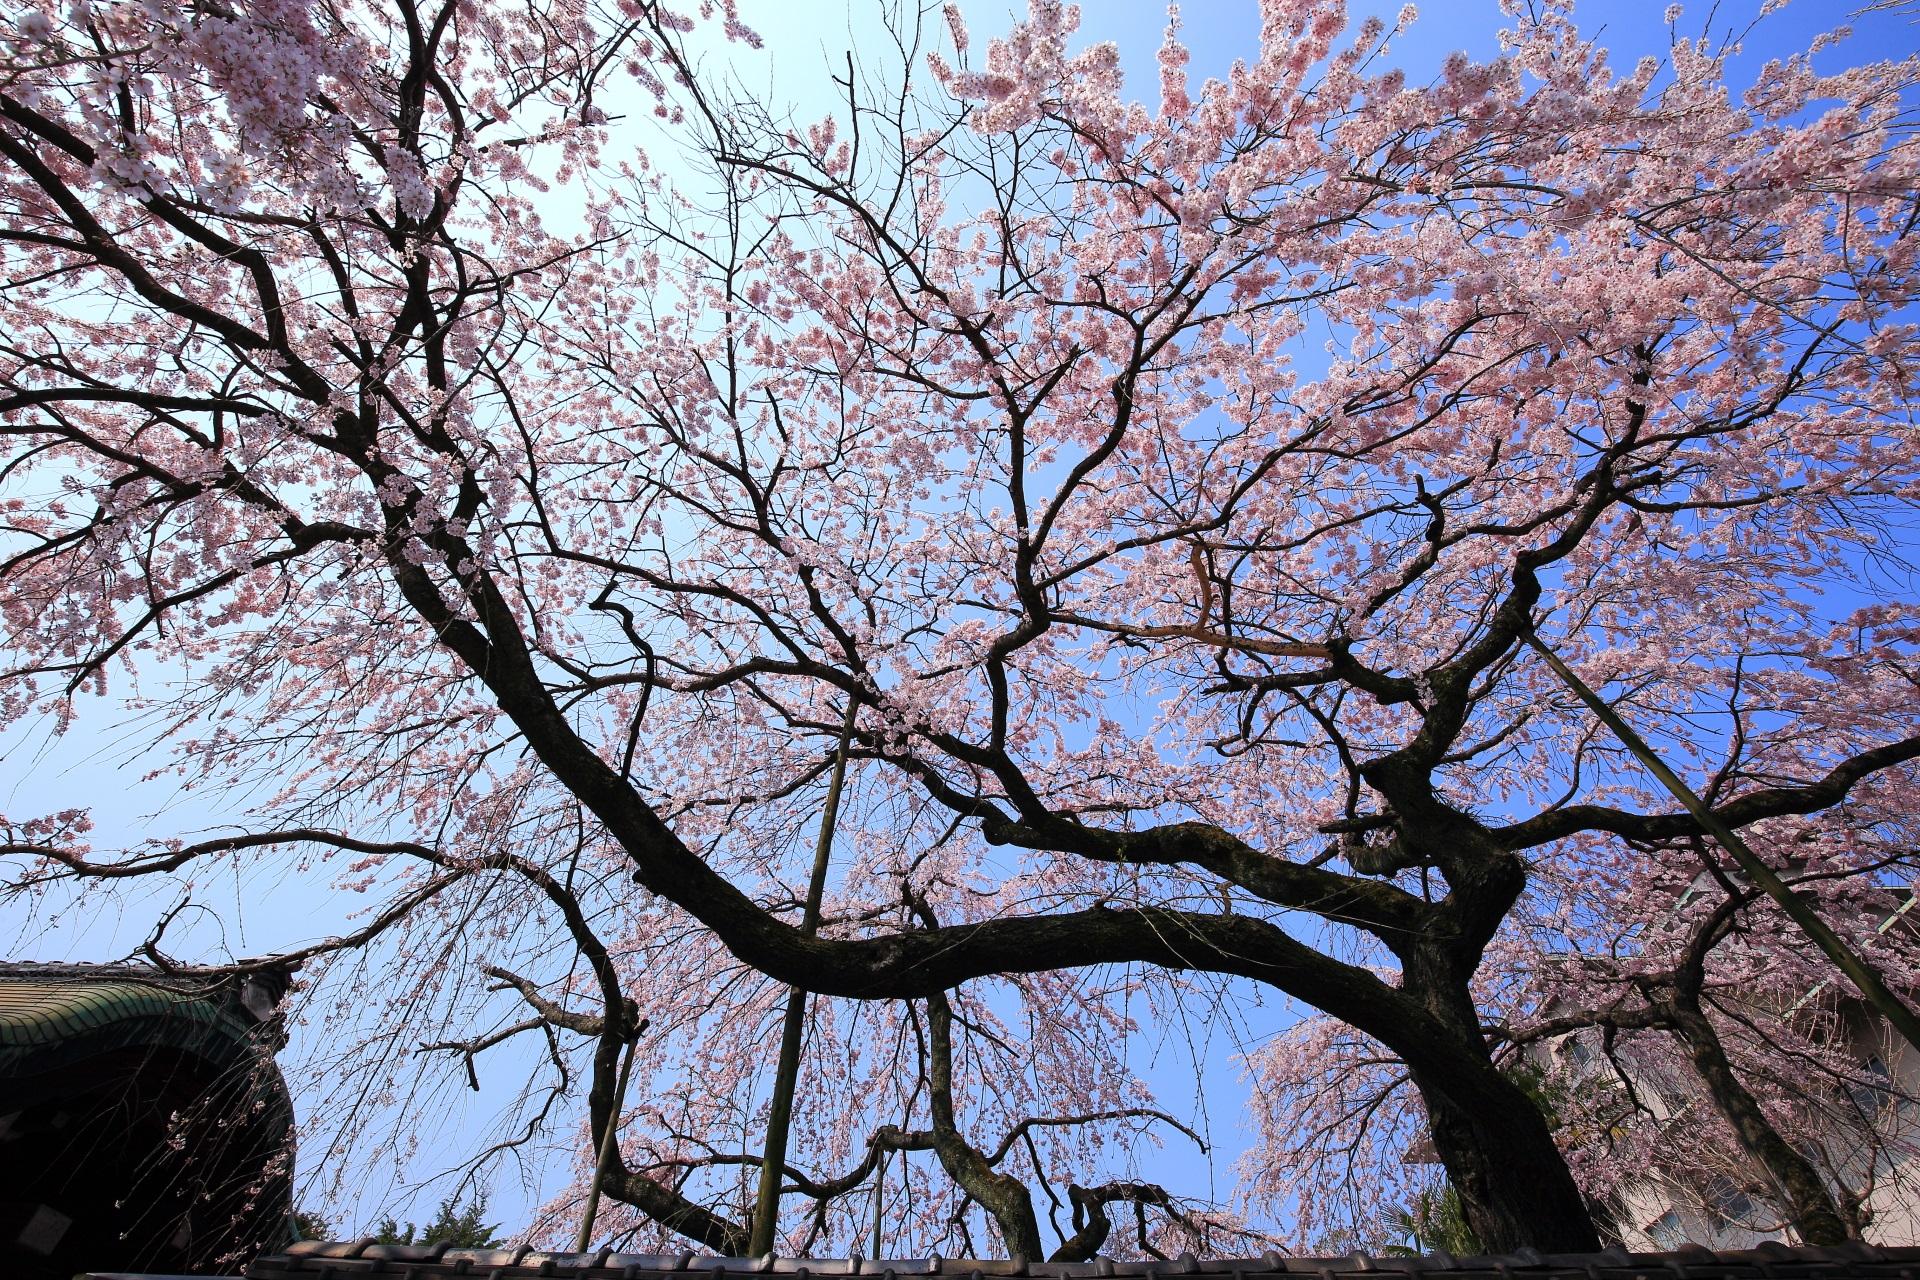 青空から降り注ぐ有栖館の華やかな桜のシャワー